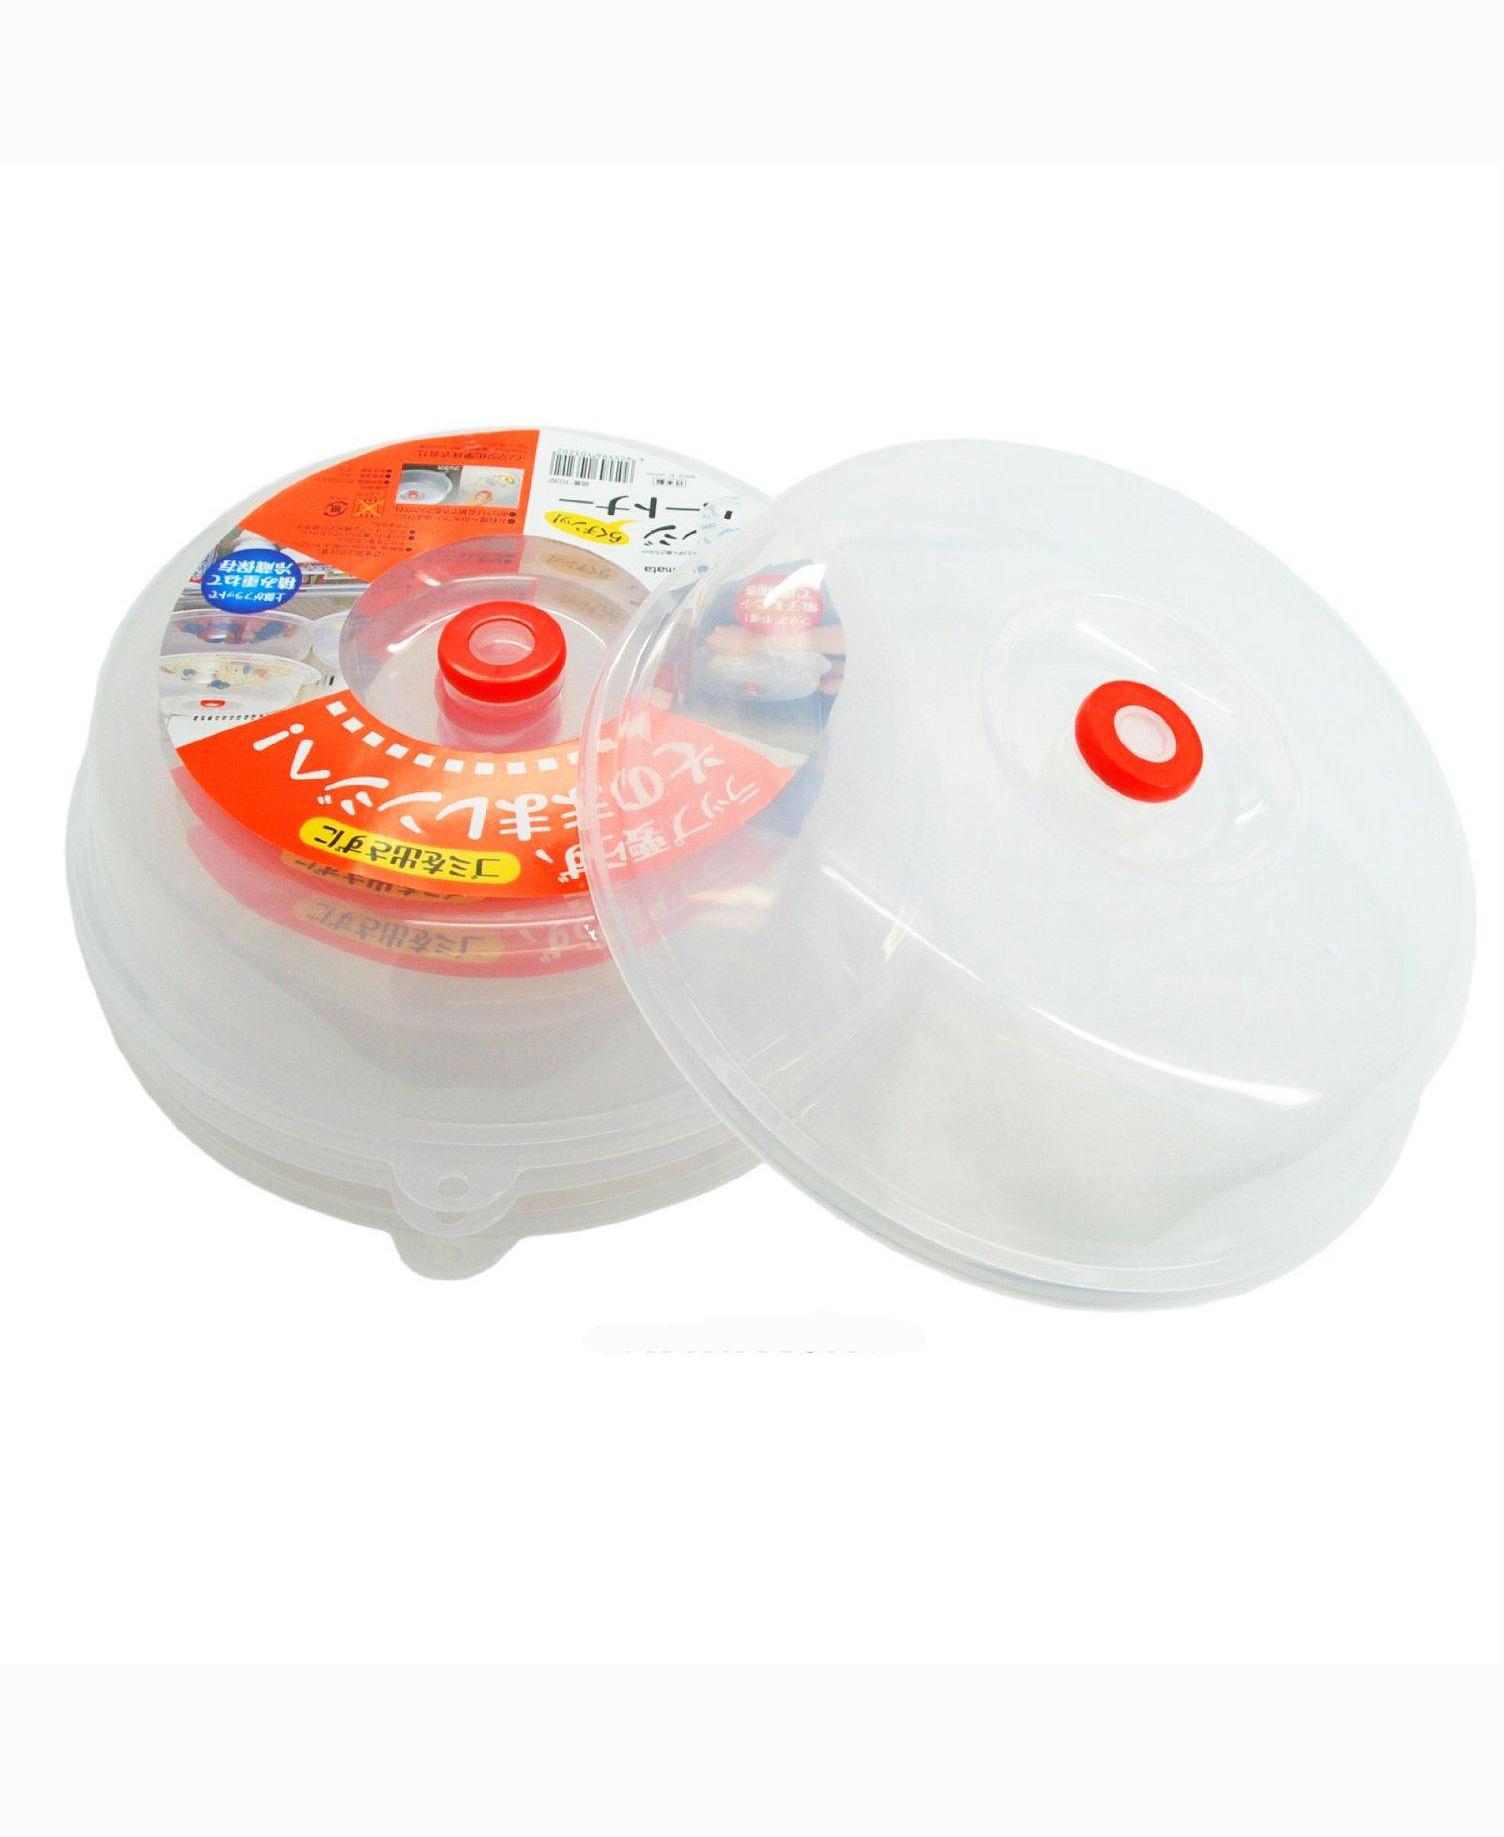 Combo Nắp đậy dùng cho lò vi sóng + Set 40 giấy thấm dầu mỡ đồ chiên rán nội địa Nhật Bản